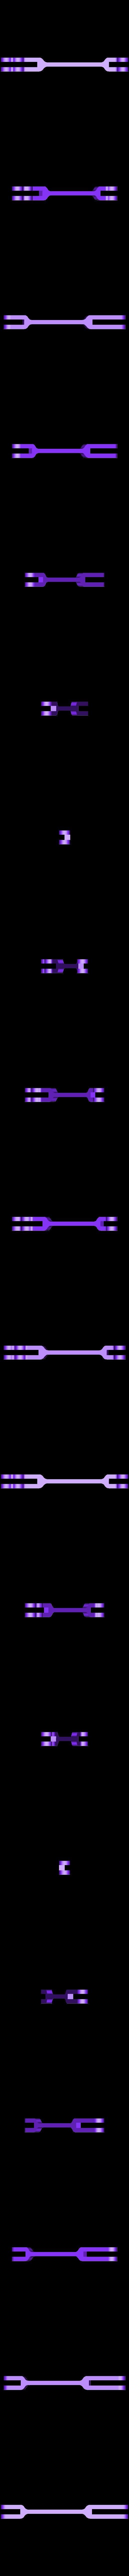 leg_arm_3S.stl Télécharger fichier STL gratuit Kozjavcka ( Козявка ) • Modèle pour impression 3D, SiberK